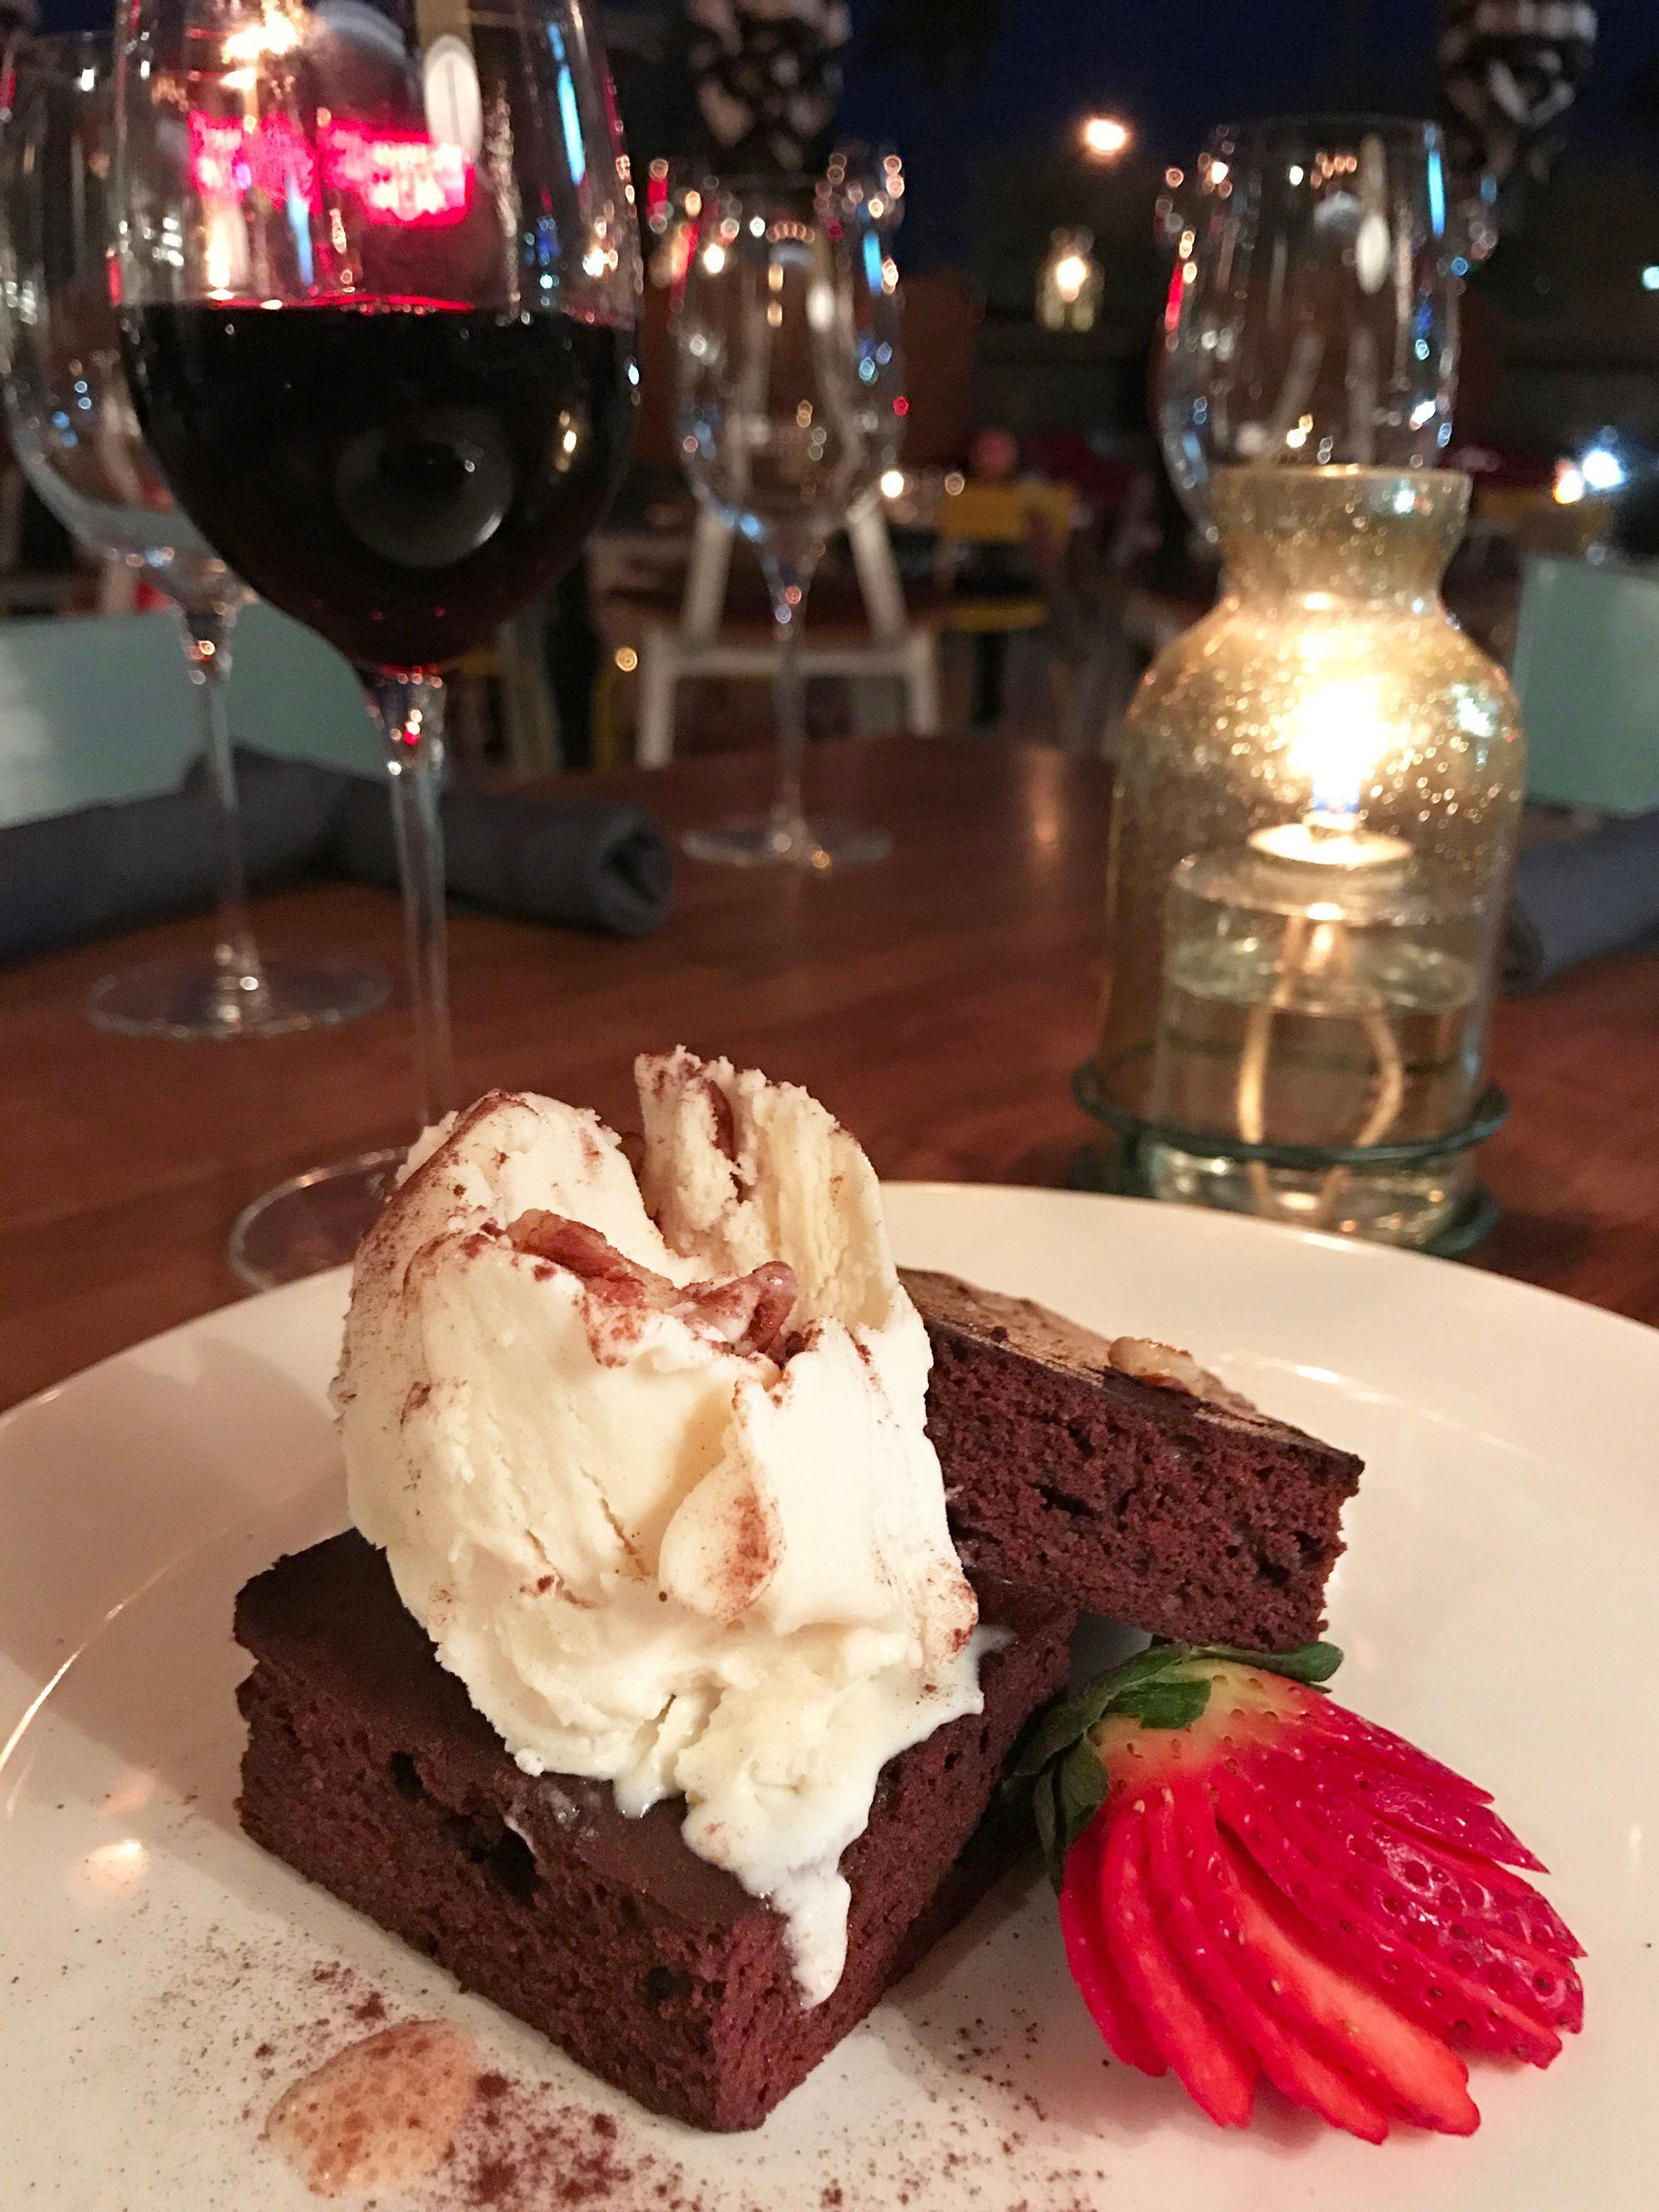 Healthy Dessert Restaurants  11 places for healthy light desserts around Phoenix